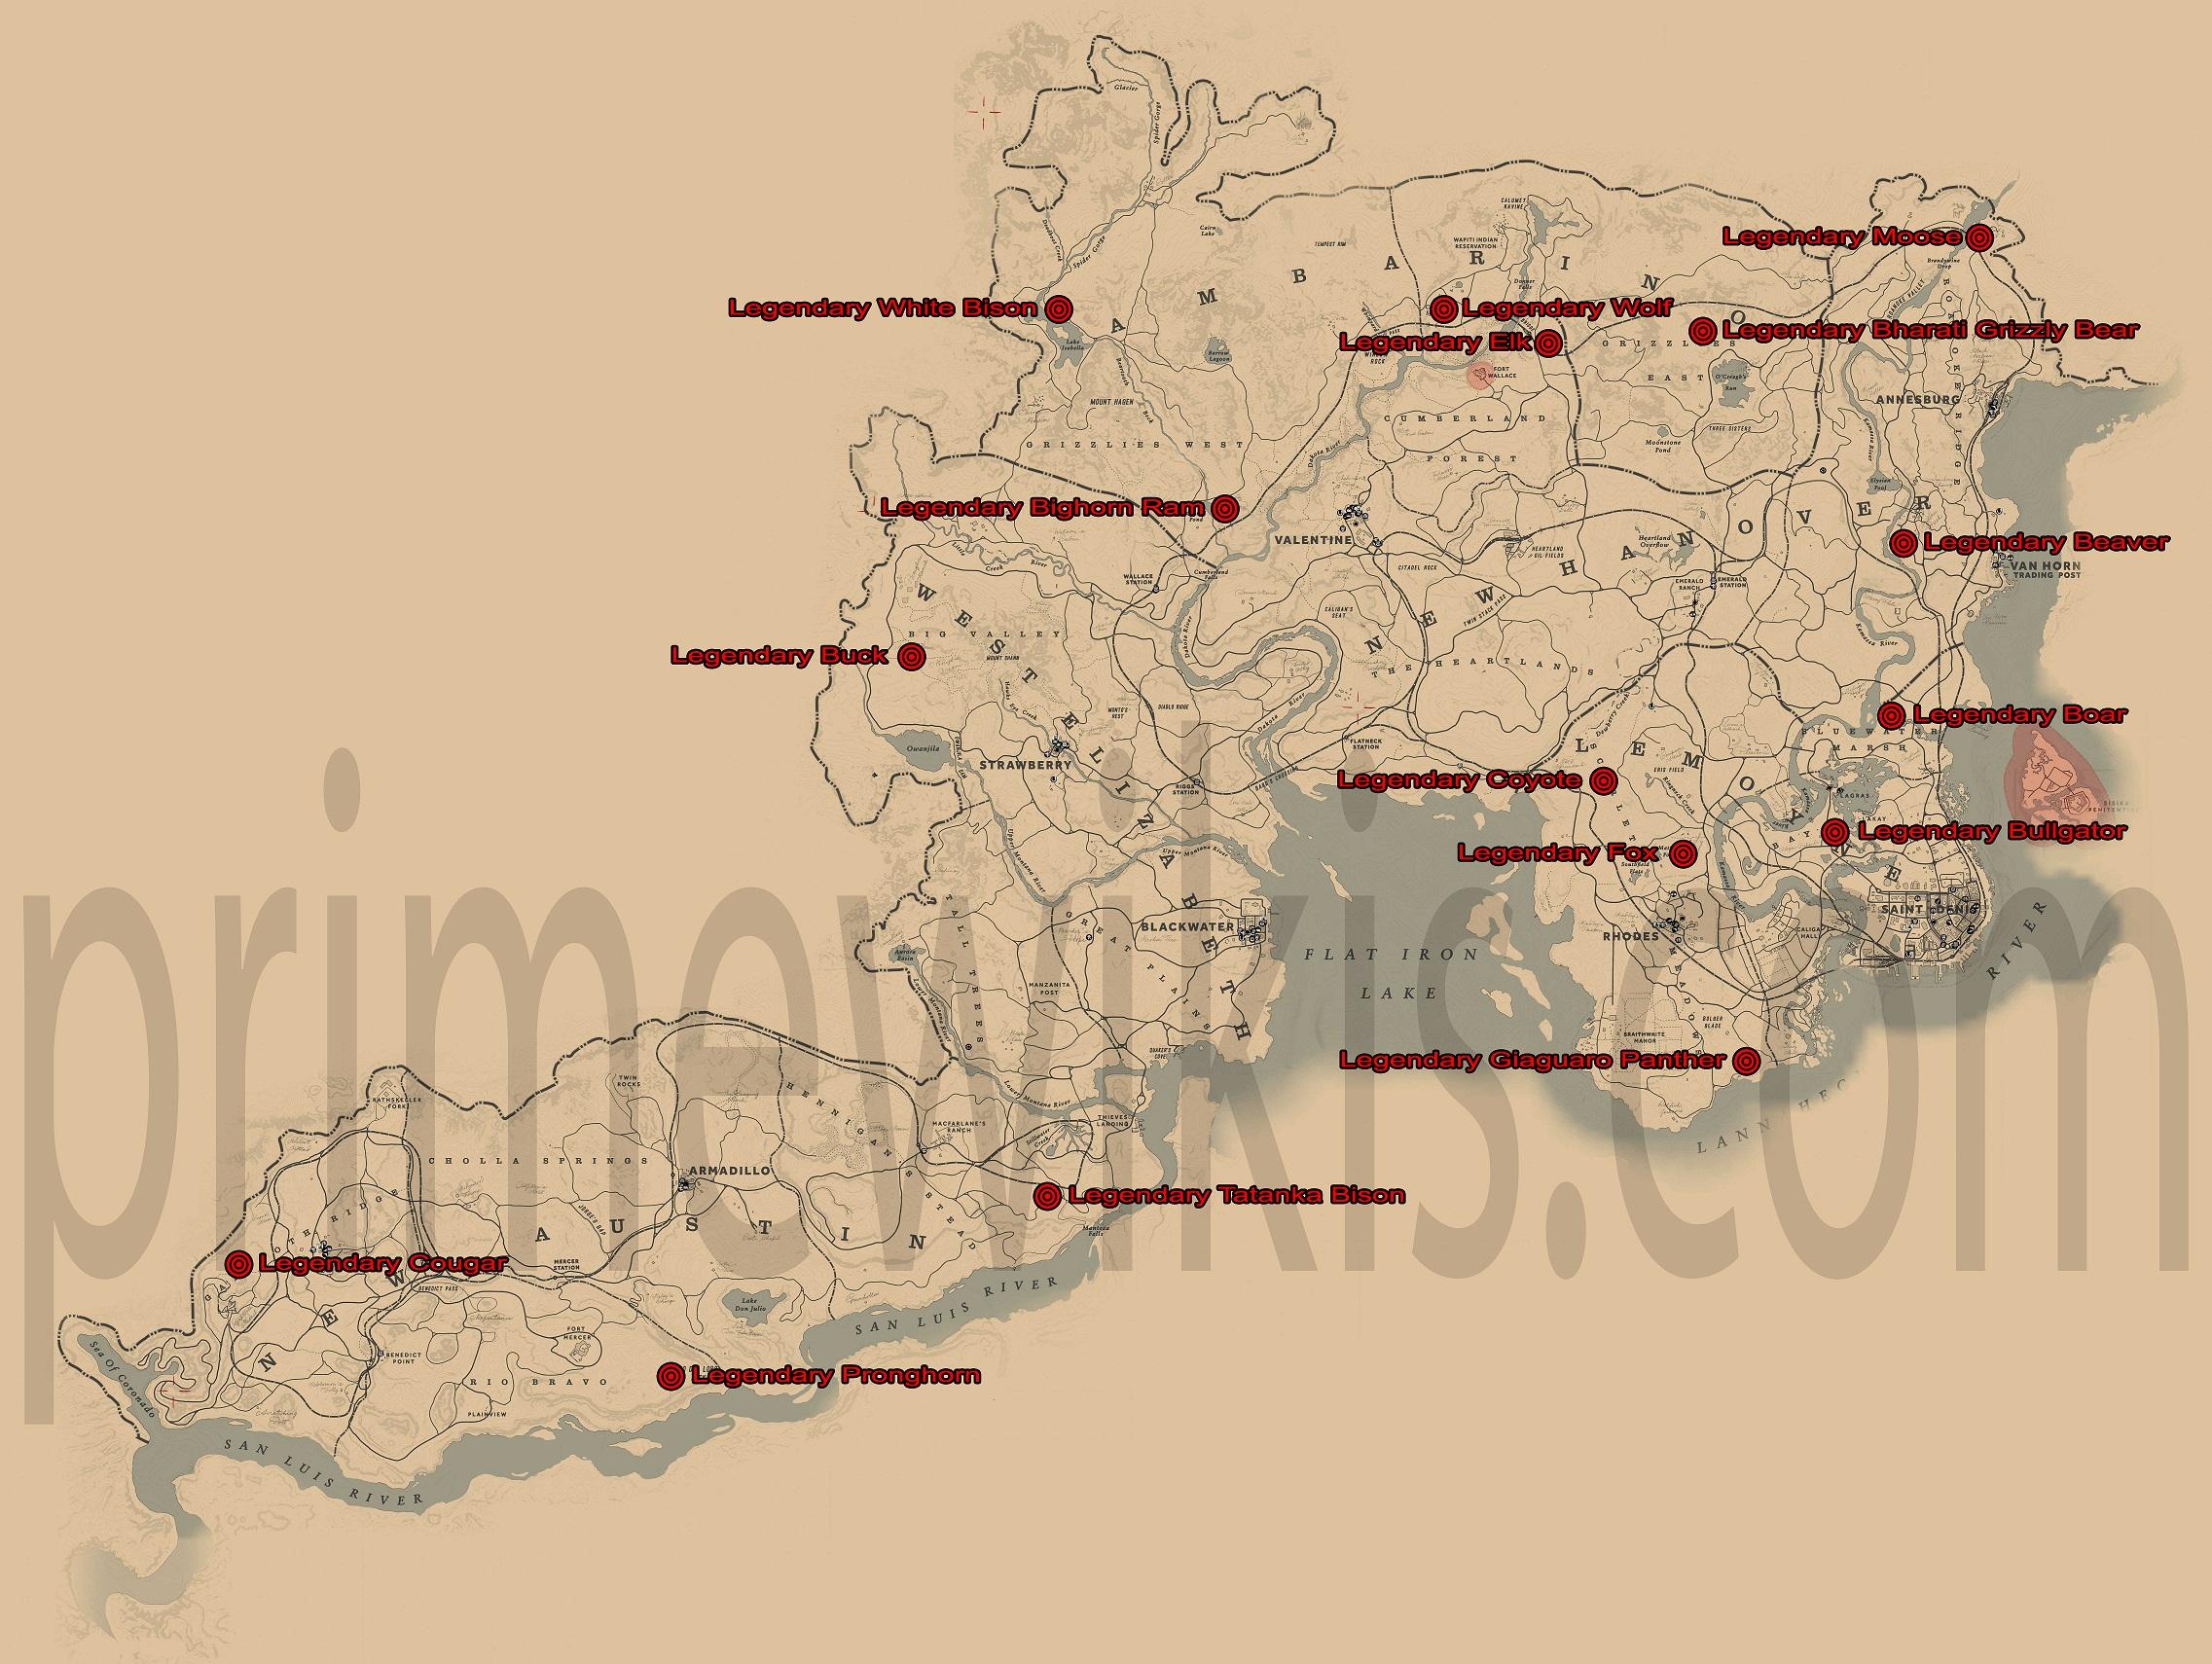 medium resolution of rdr2 legendary animals locations map